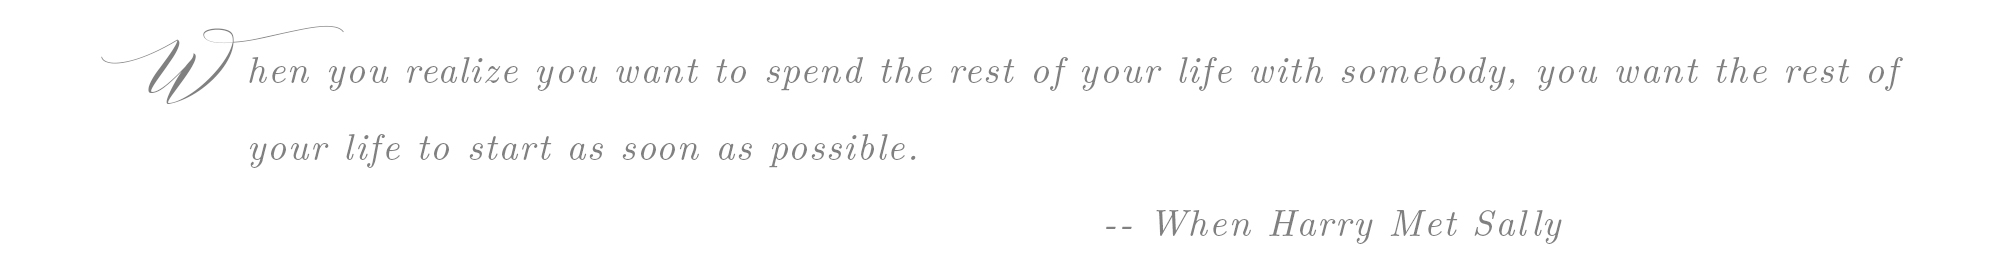 quote-4.jpg